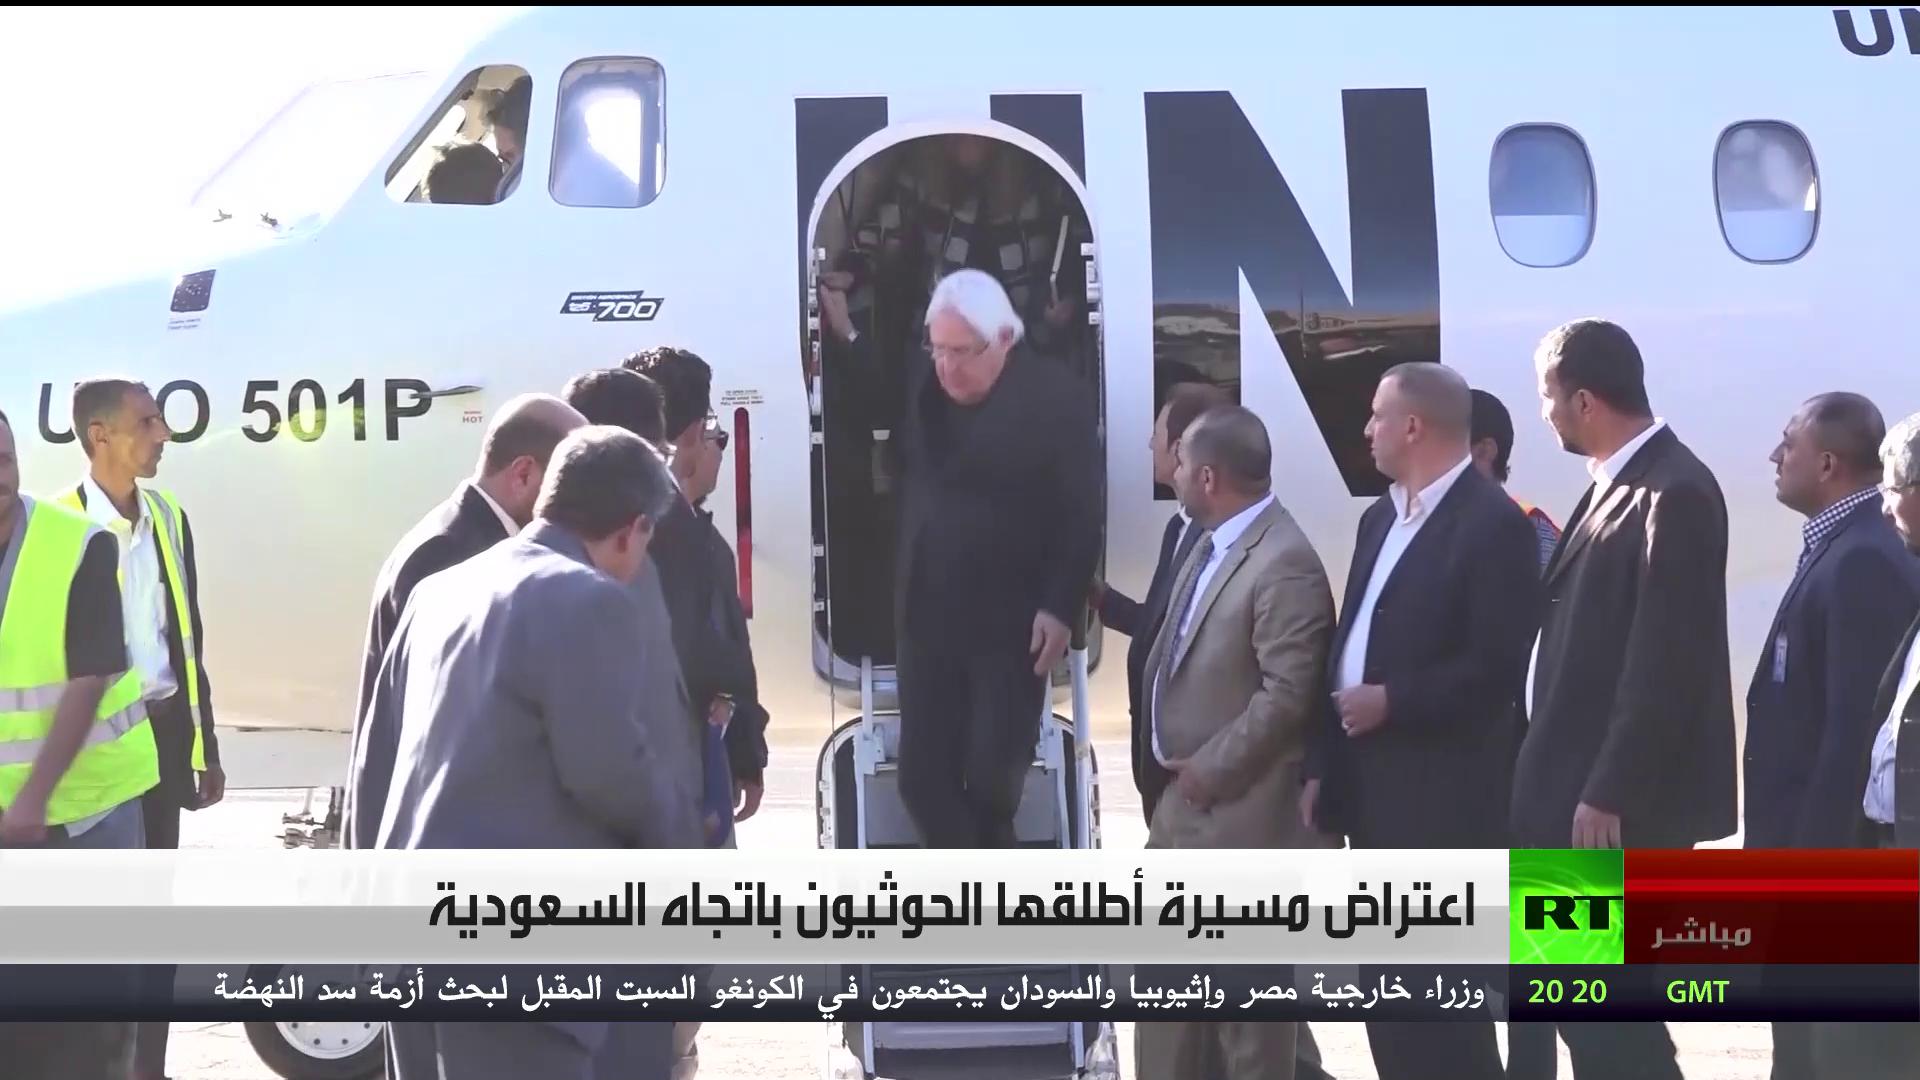 الحوثيون يعلنون استهداف مواقع حساسة بالرياض